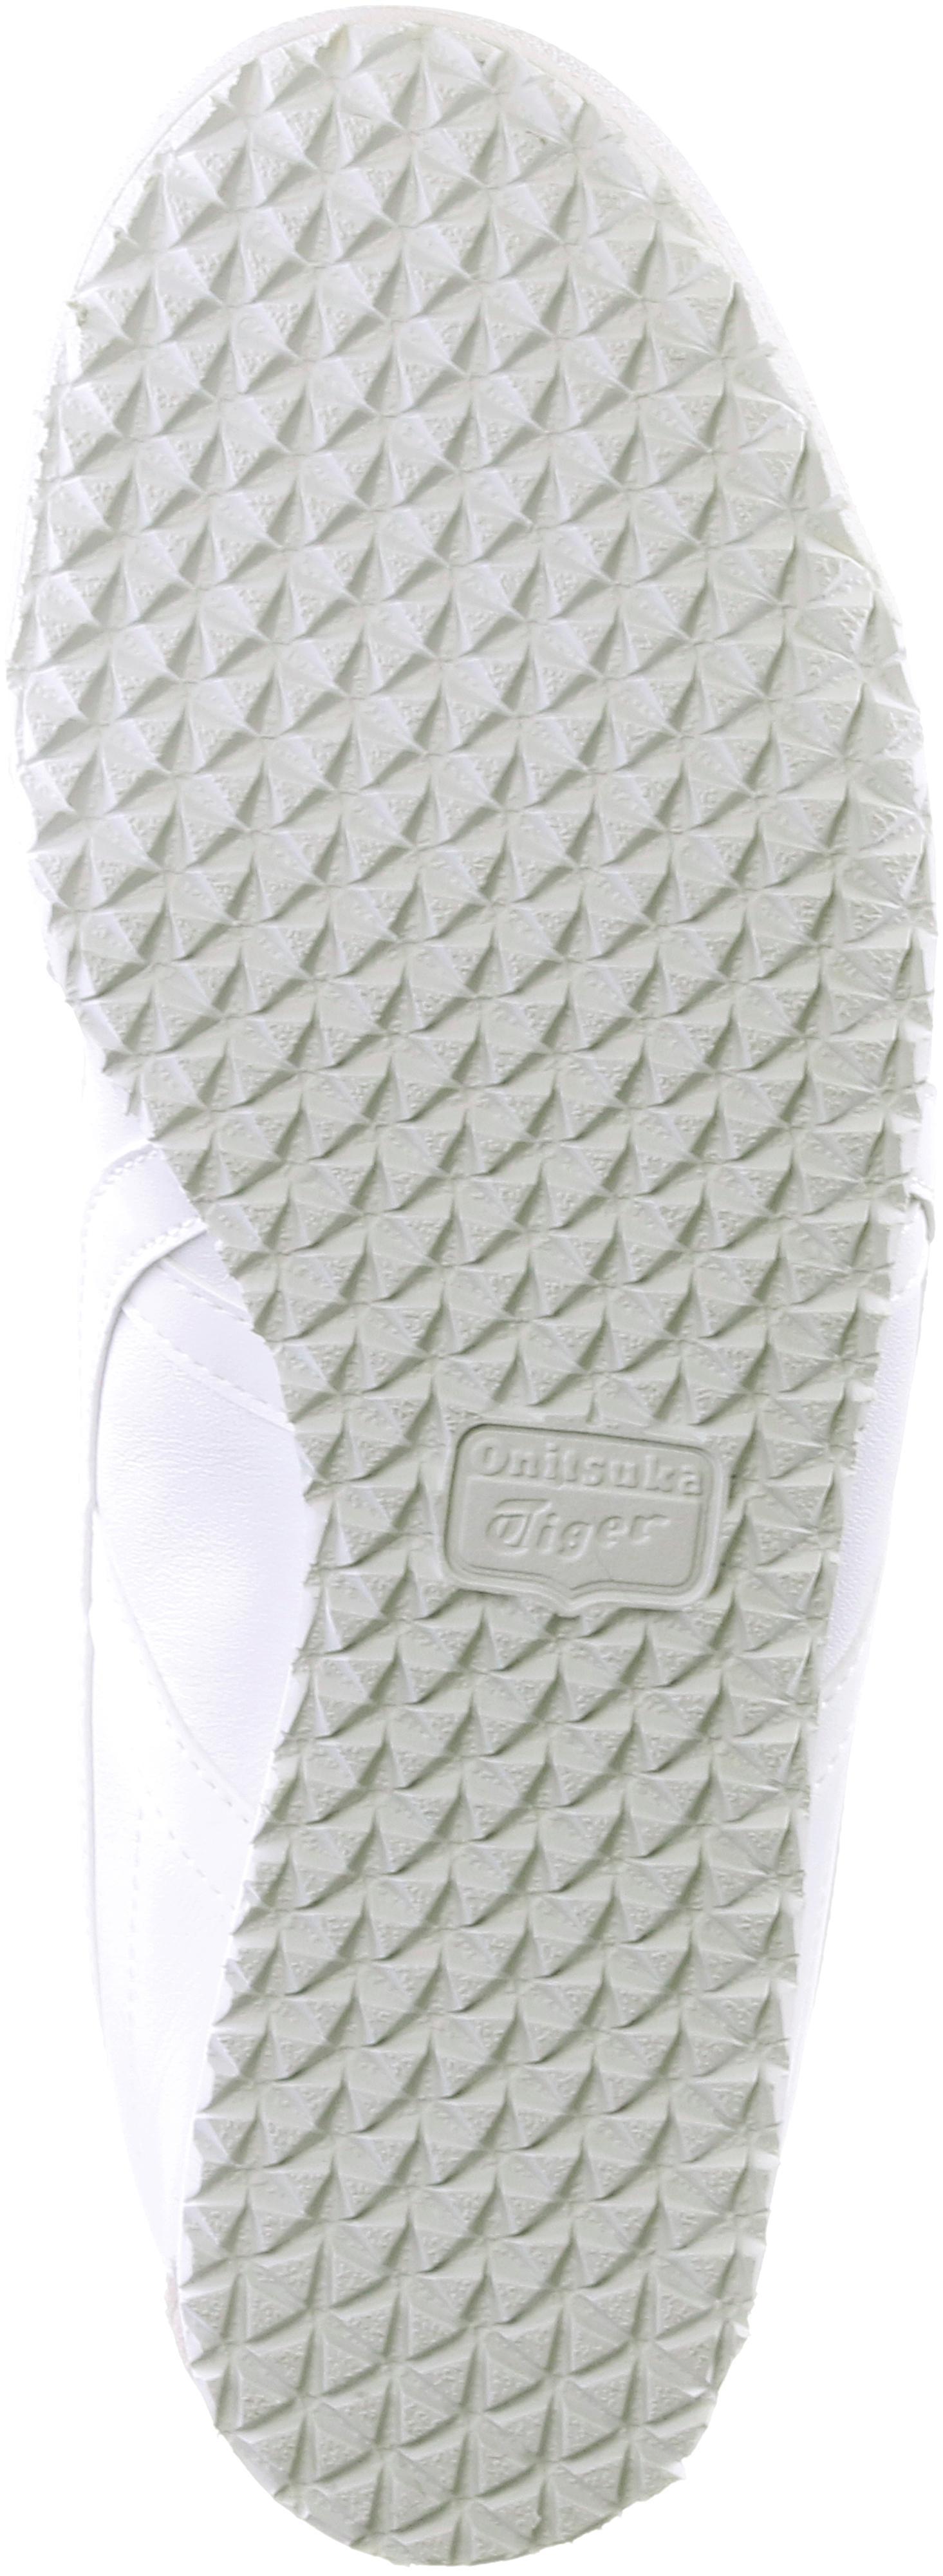 ASICS Mexico von 66 Turnschuhe schwarz-schwarz im Online Shop von Mexico SportScheck kaufen Gute Qualität beliebte Schuhe 3e3797